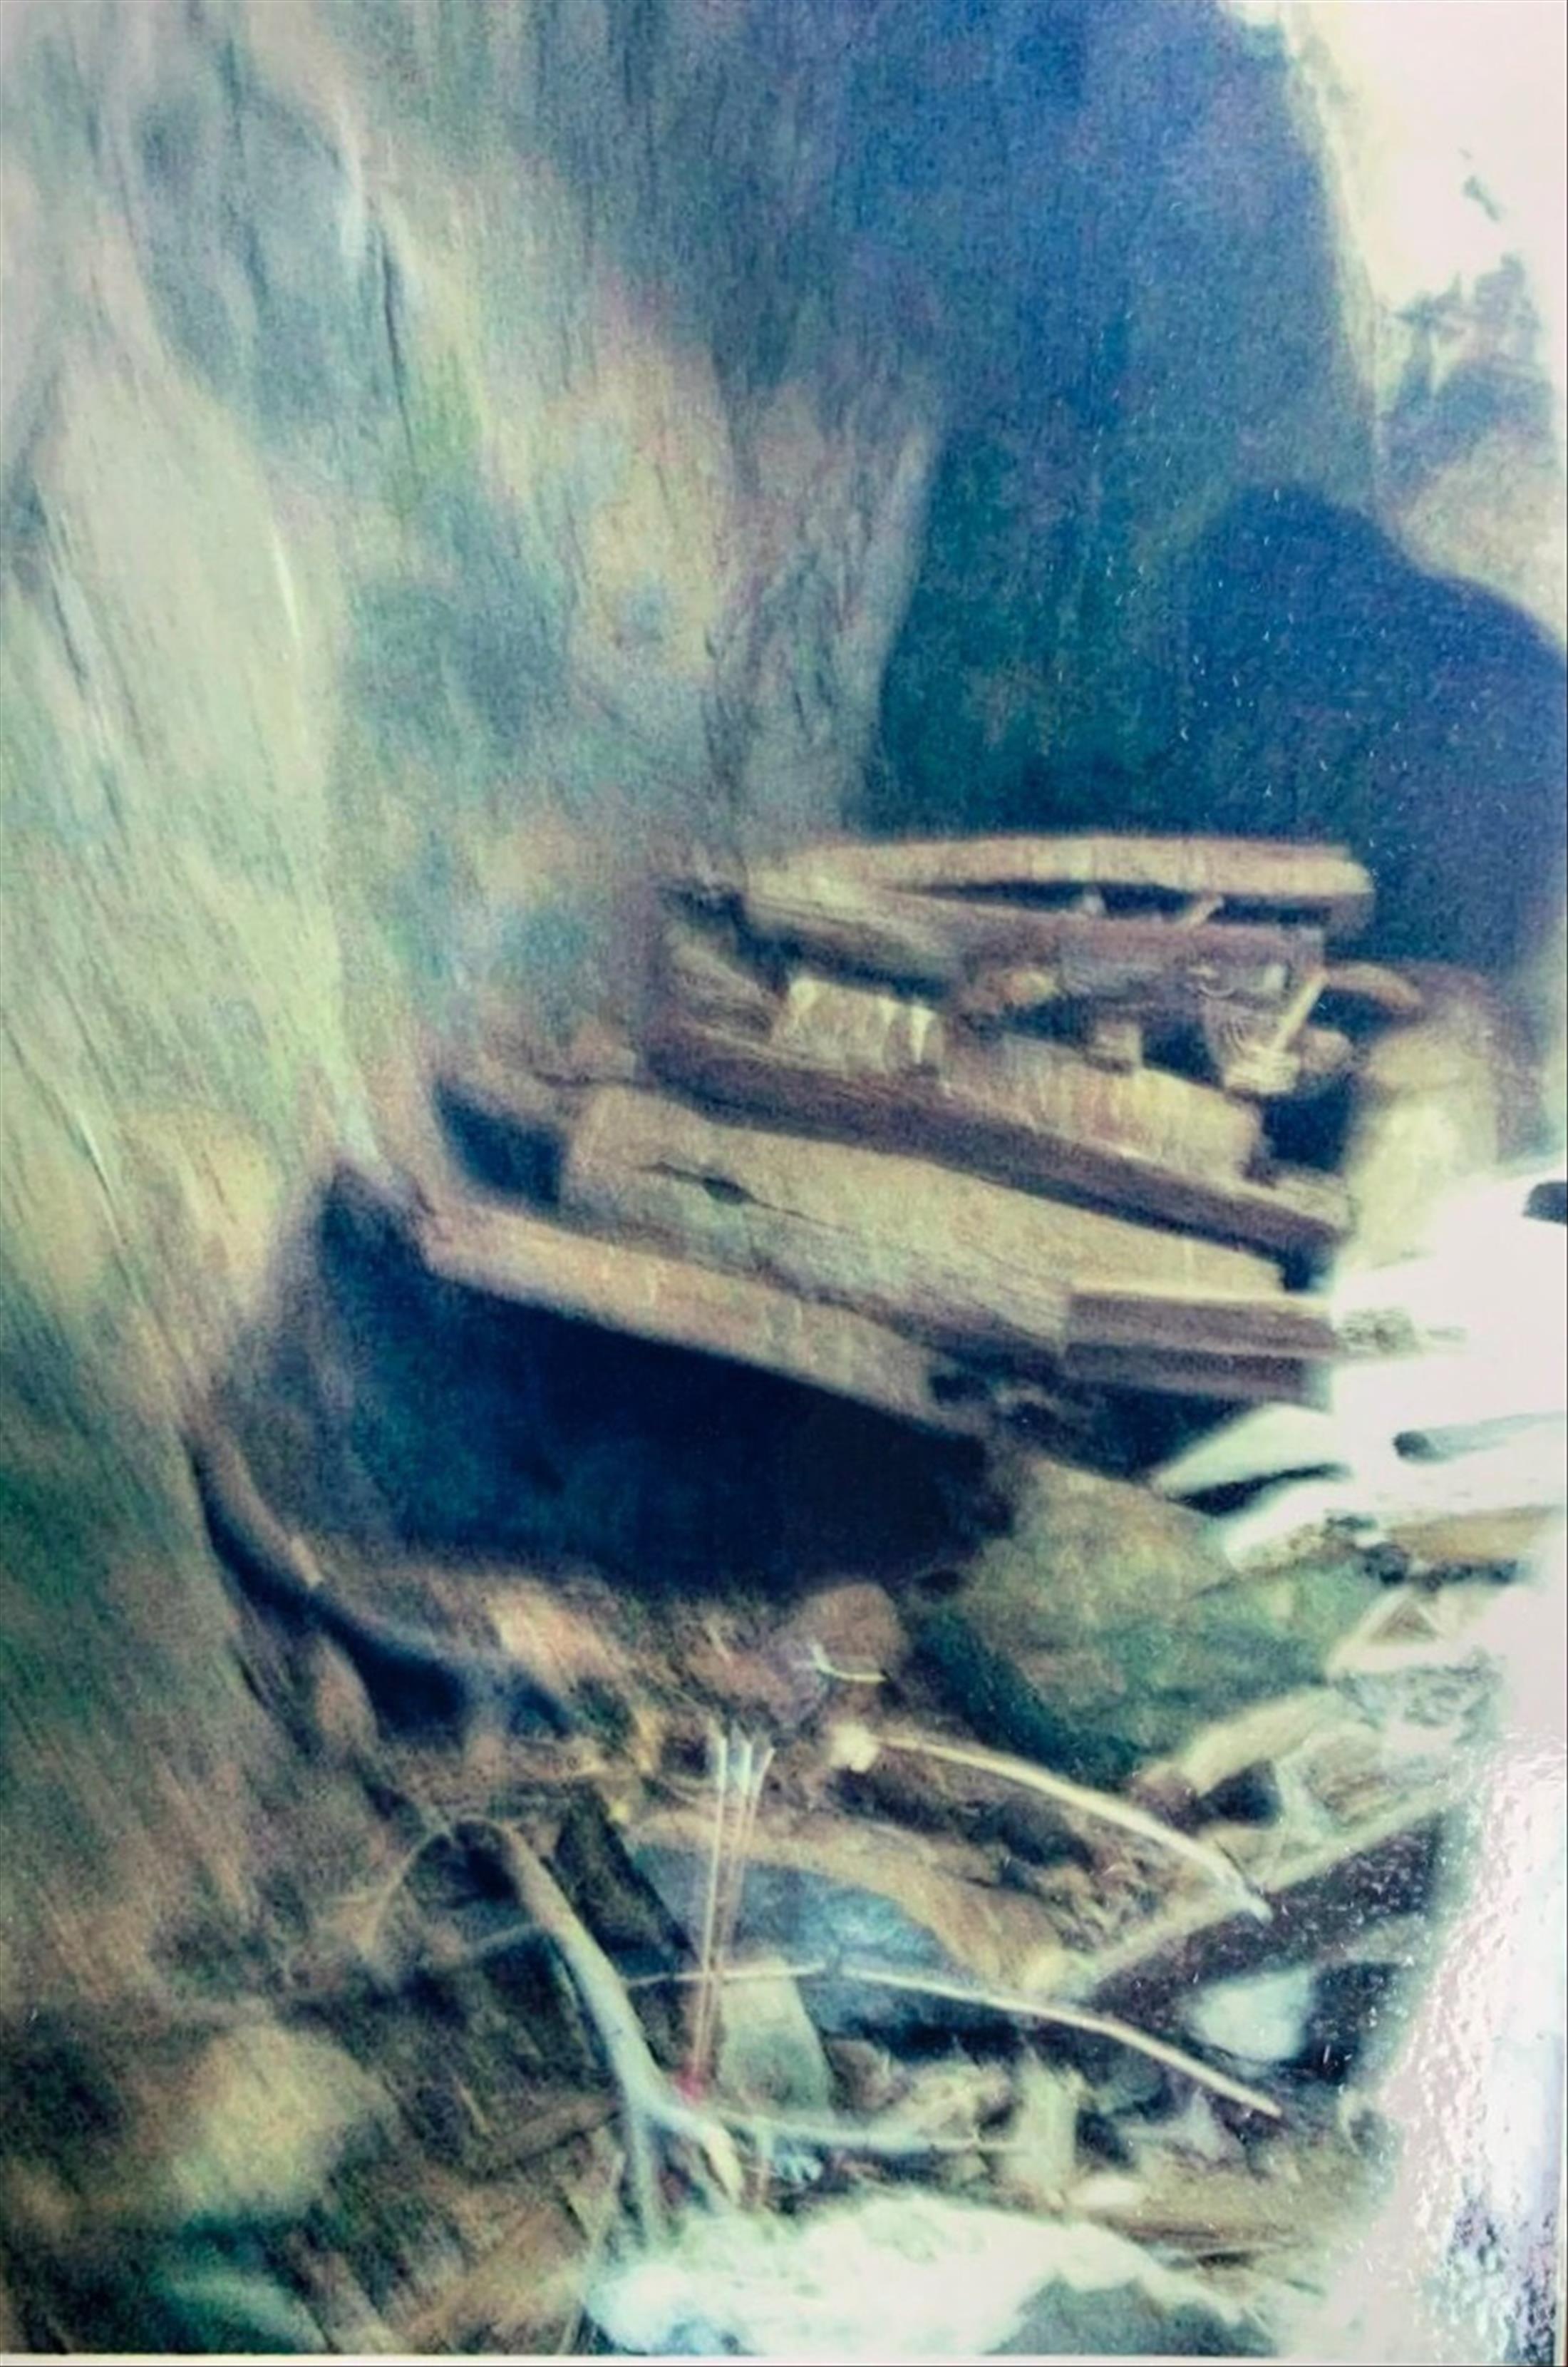 Phát hiện hàng chục quan tài cổ trên núi Lạng Sơn ảnh 1